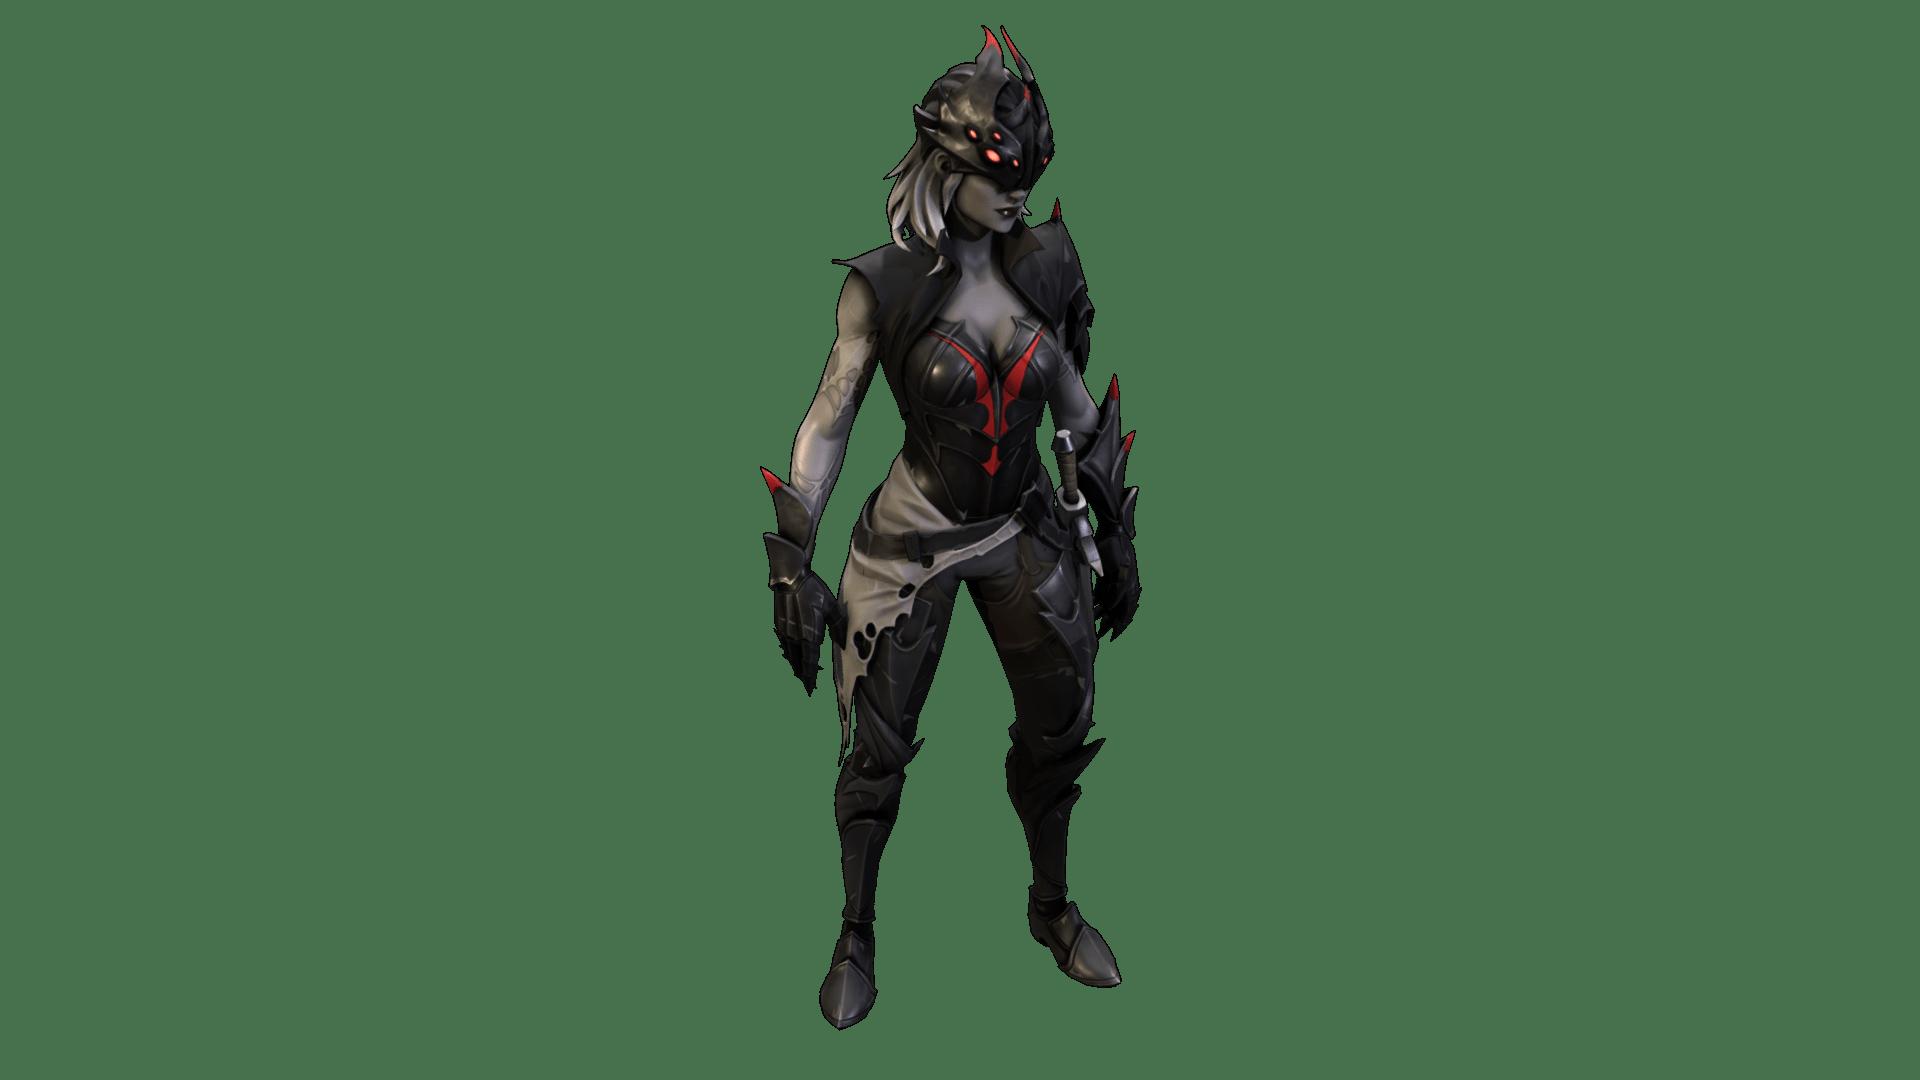 Fortnite Arachne Outfits   Fortnite Skins 1920x1080